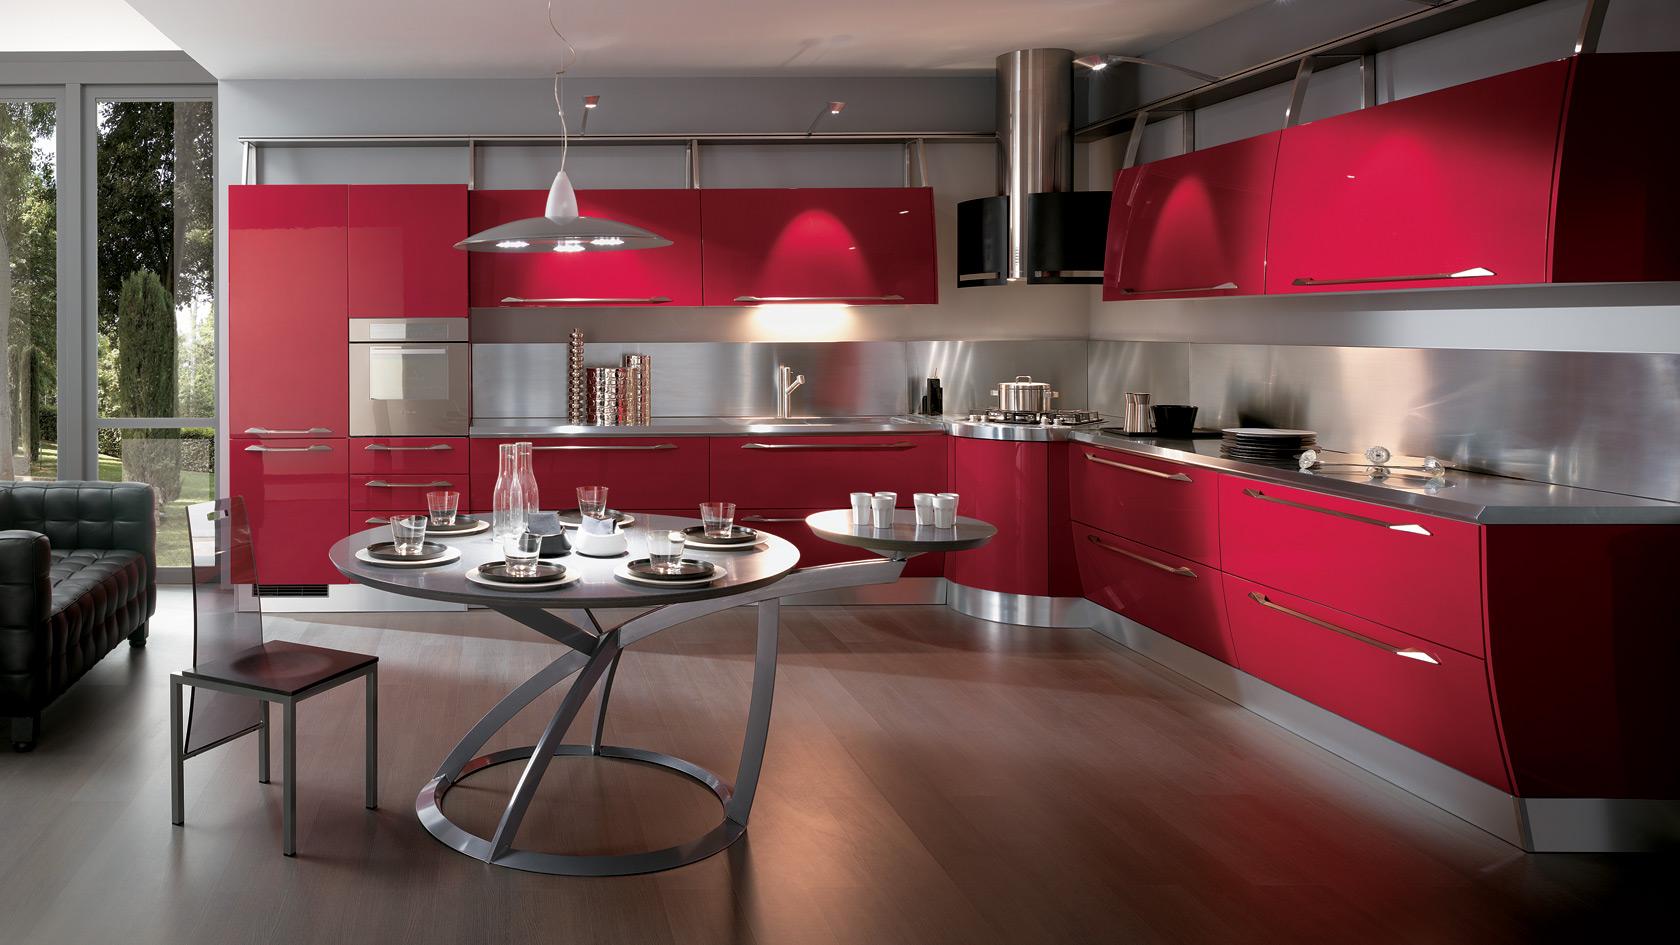 Le Cucine: Soluzione naturali, belle, piacevoli e resistenti (Foto)